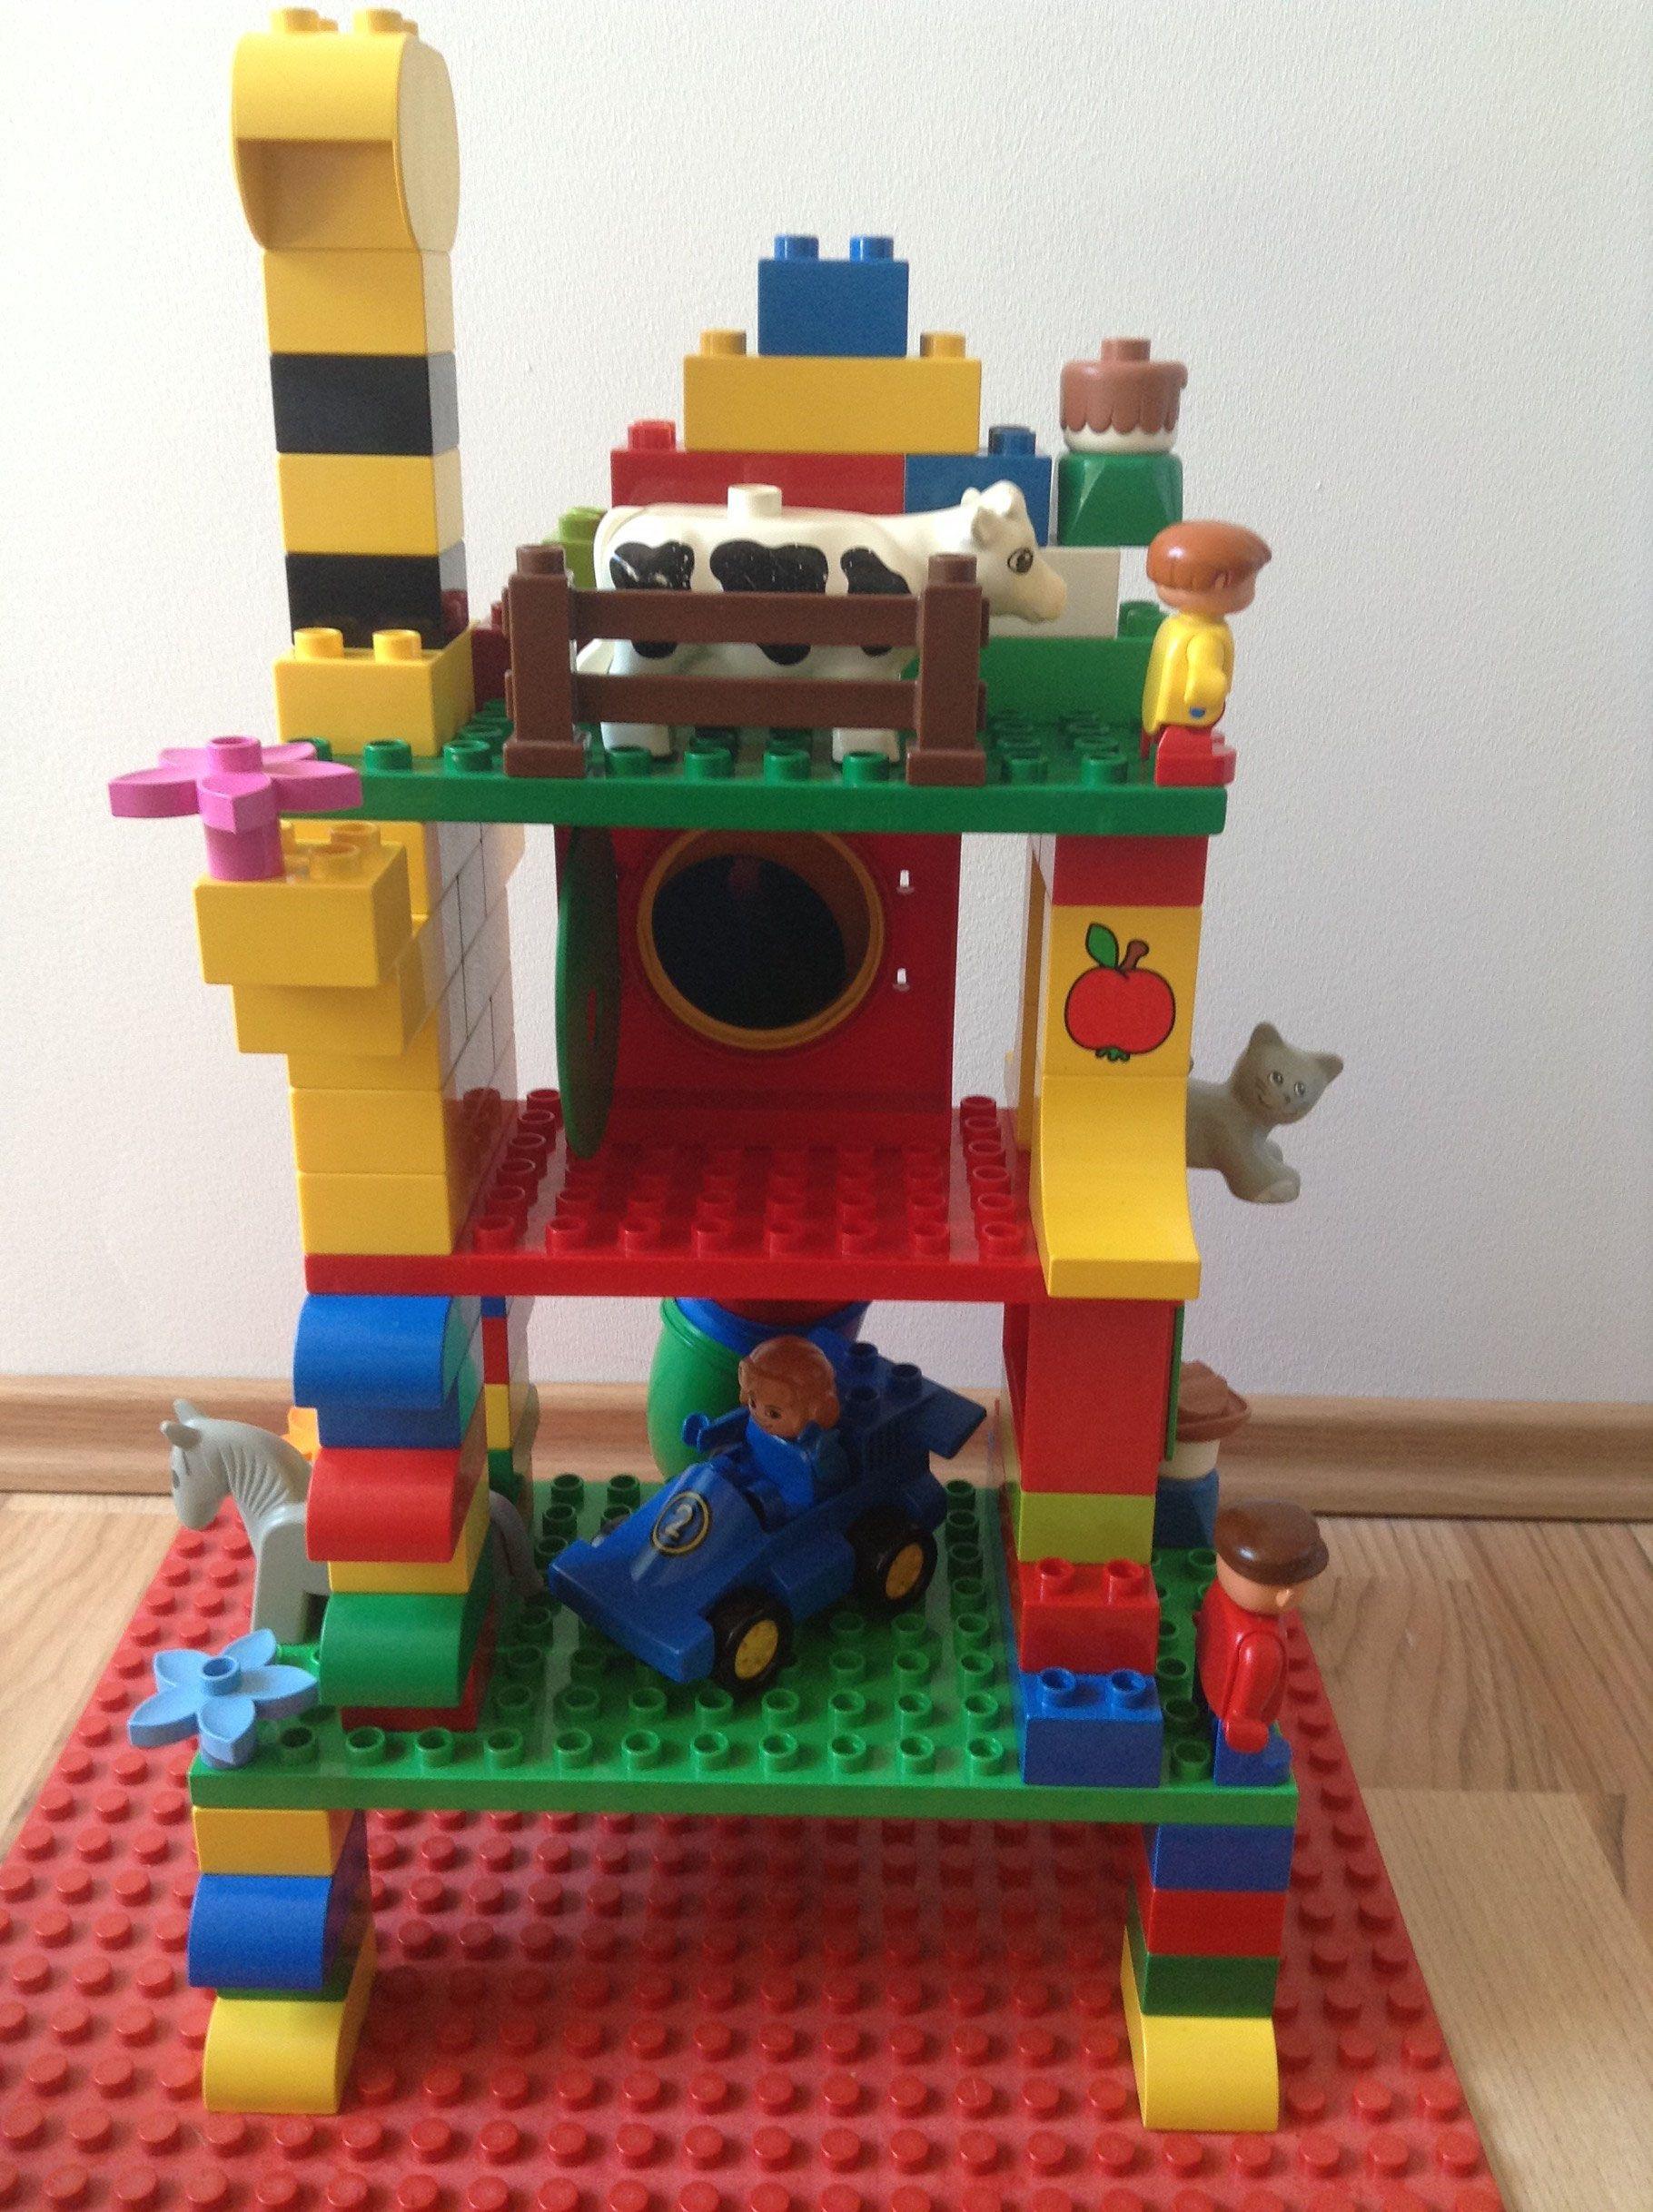 spielhaus aus lego duplo steinen duplonauten bauanleitungen f r lego duplo pinterest. Black Bedroom Furniture Sets. Home Design Ideas